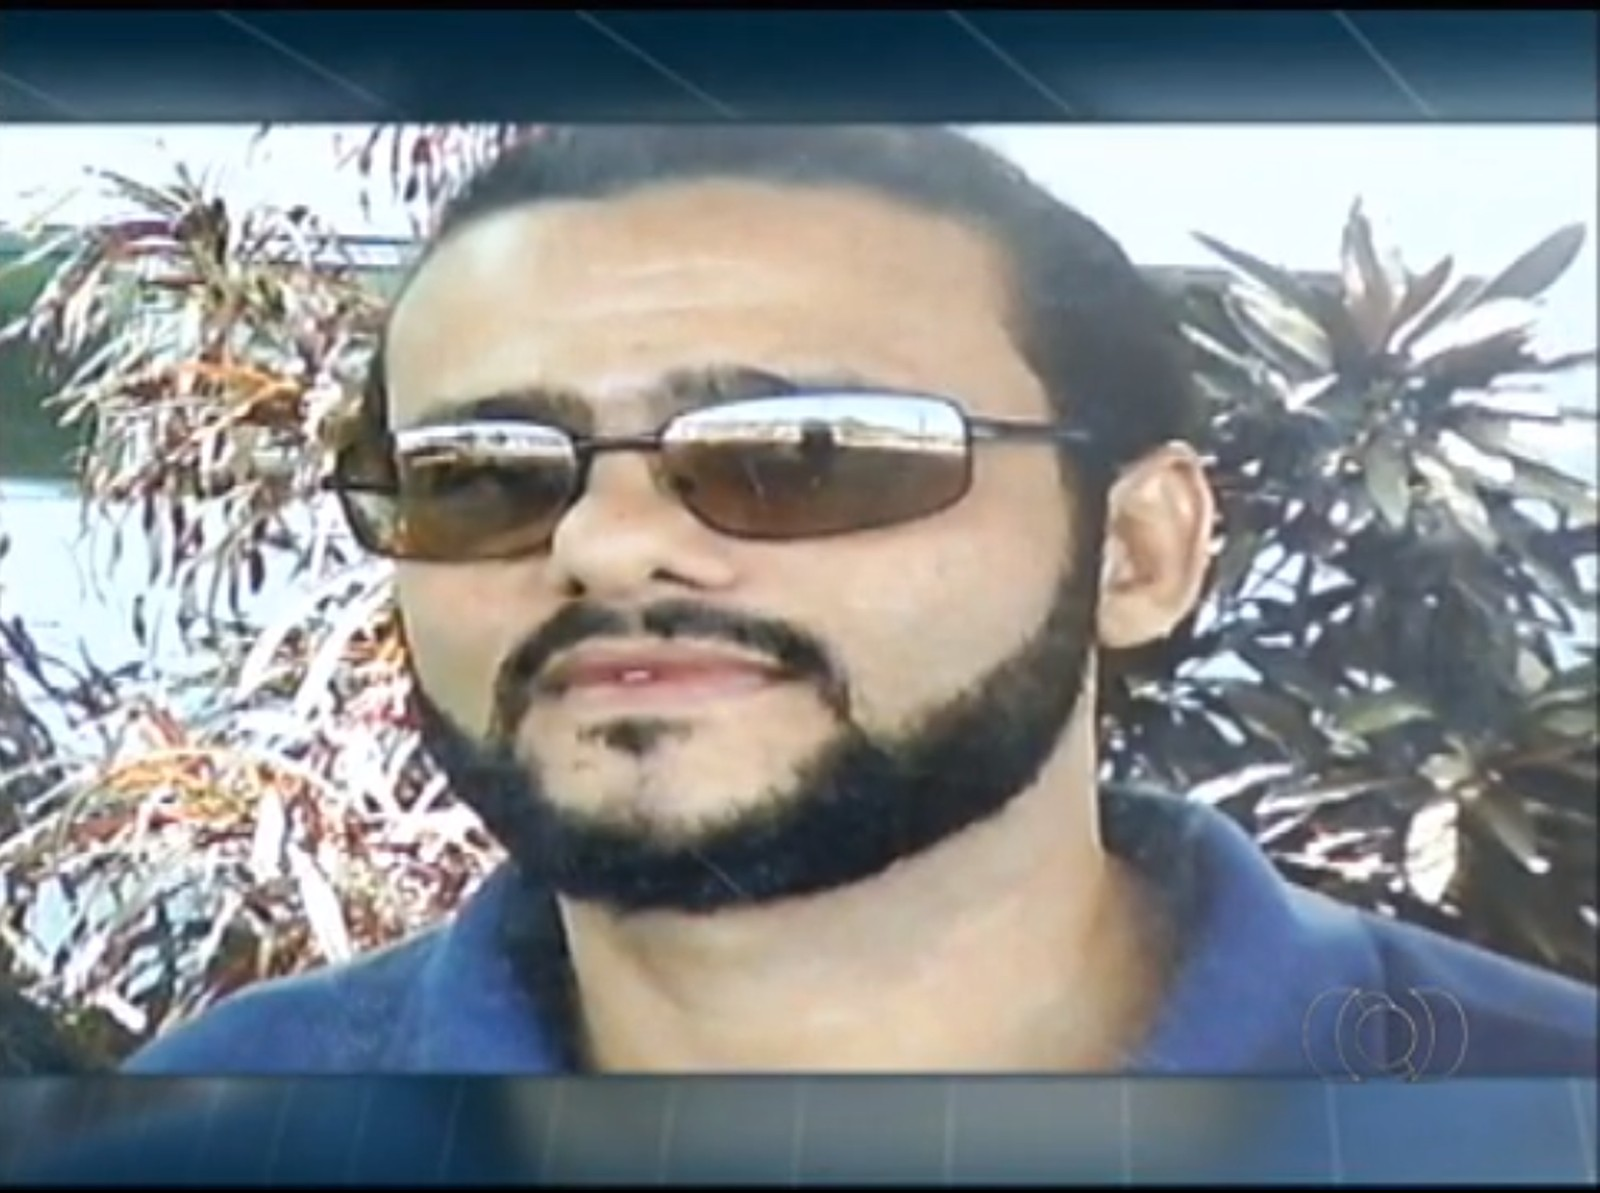 Começa julgamento do acusado de matar taxista na frente do filho, em Palmas